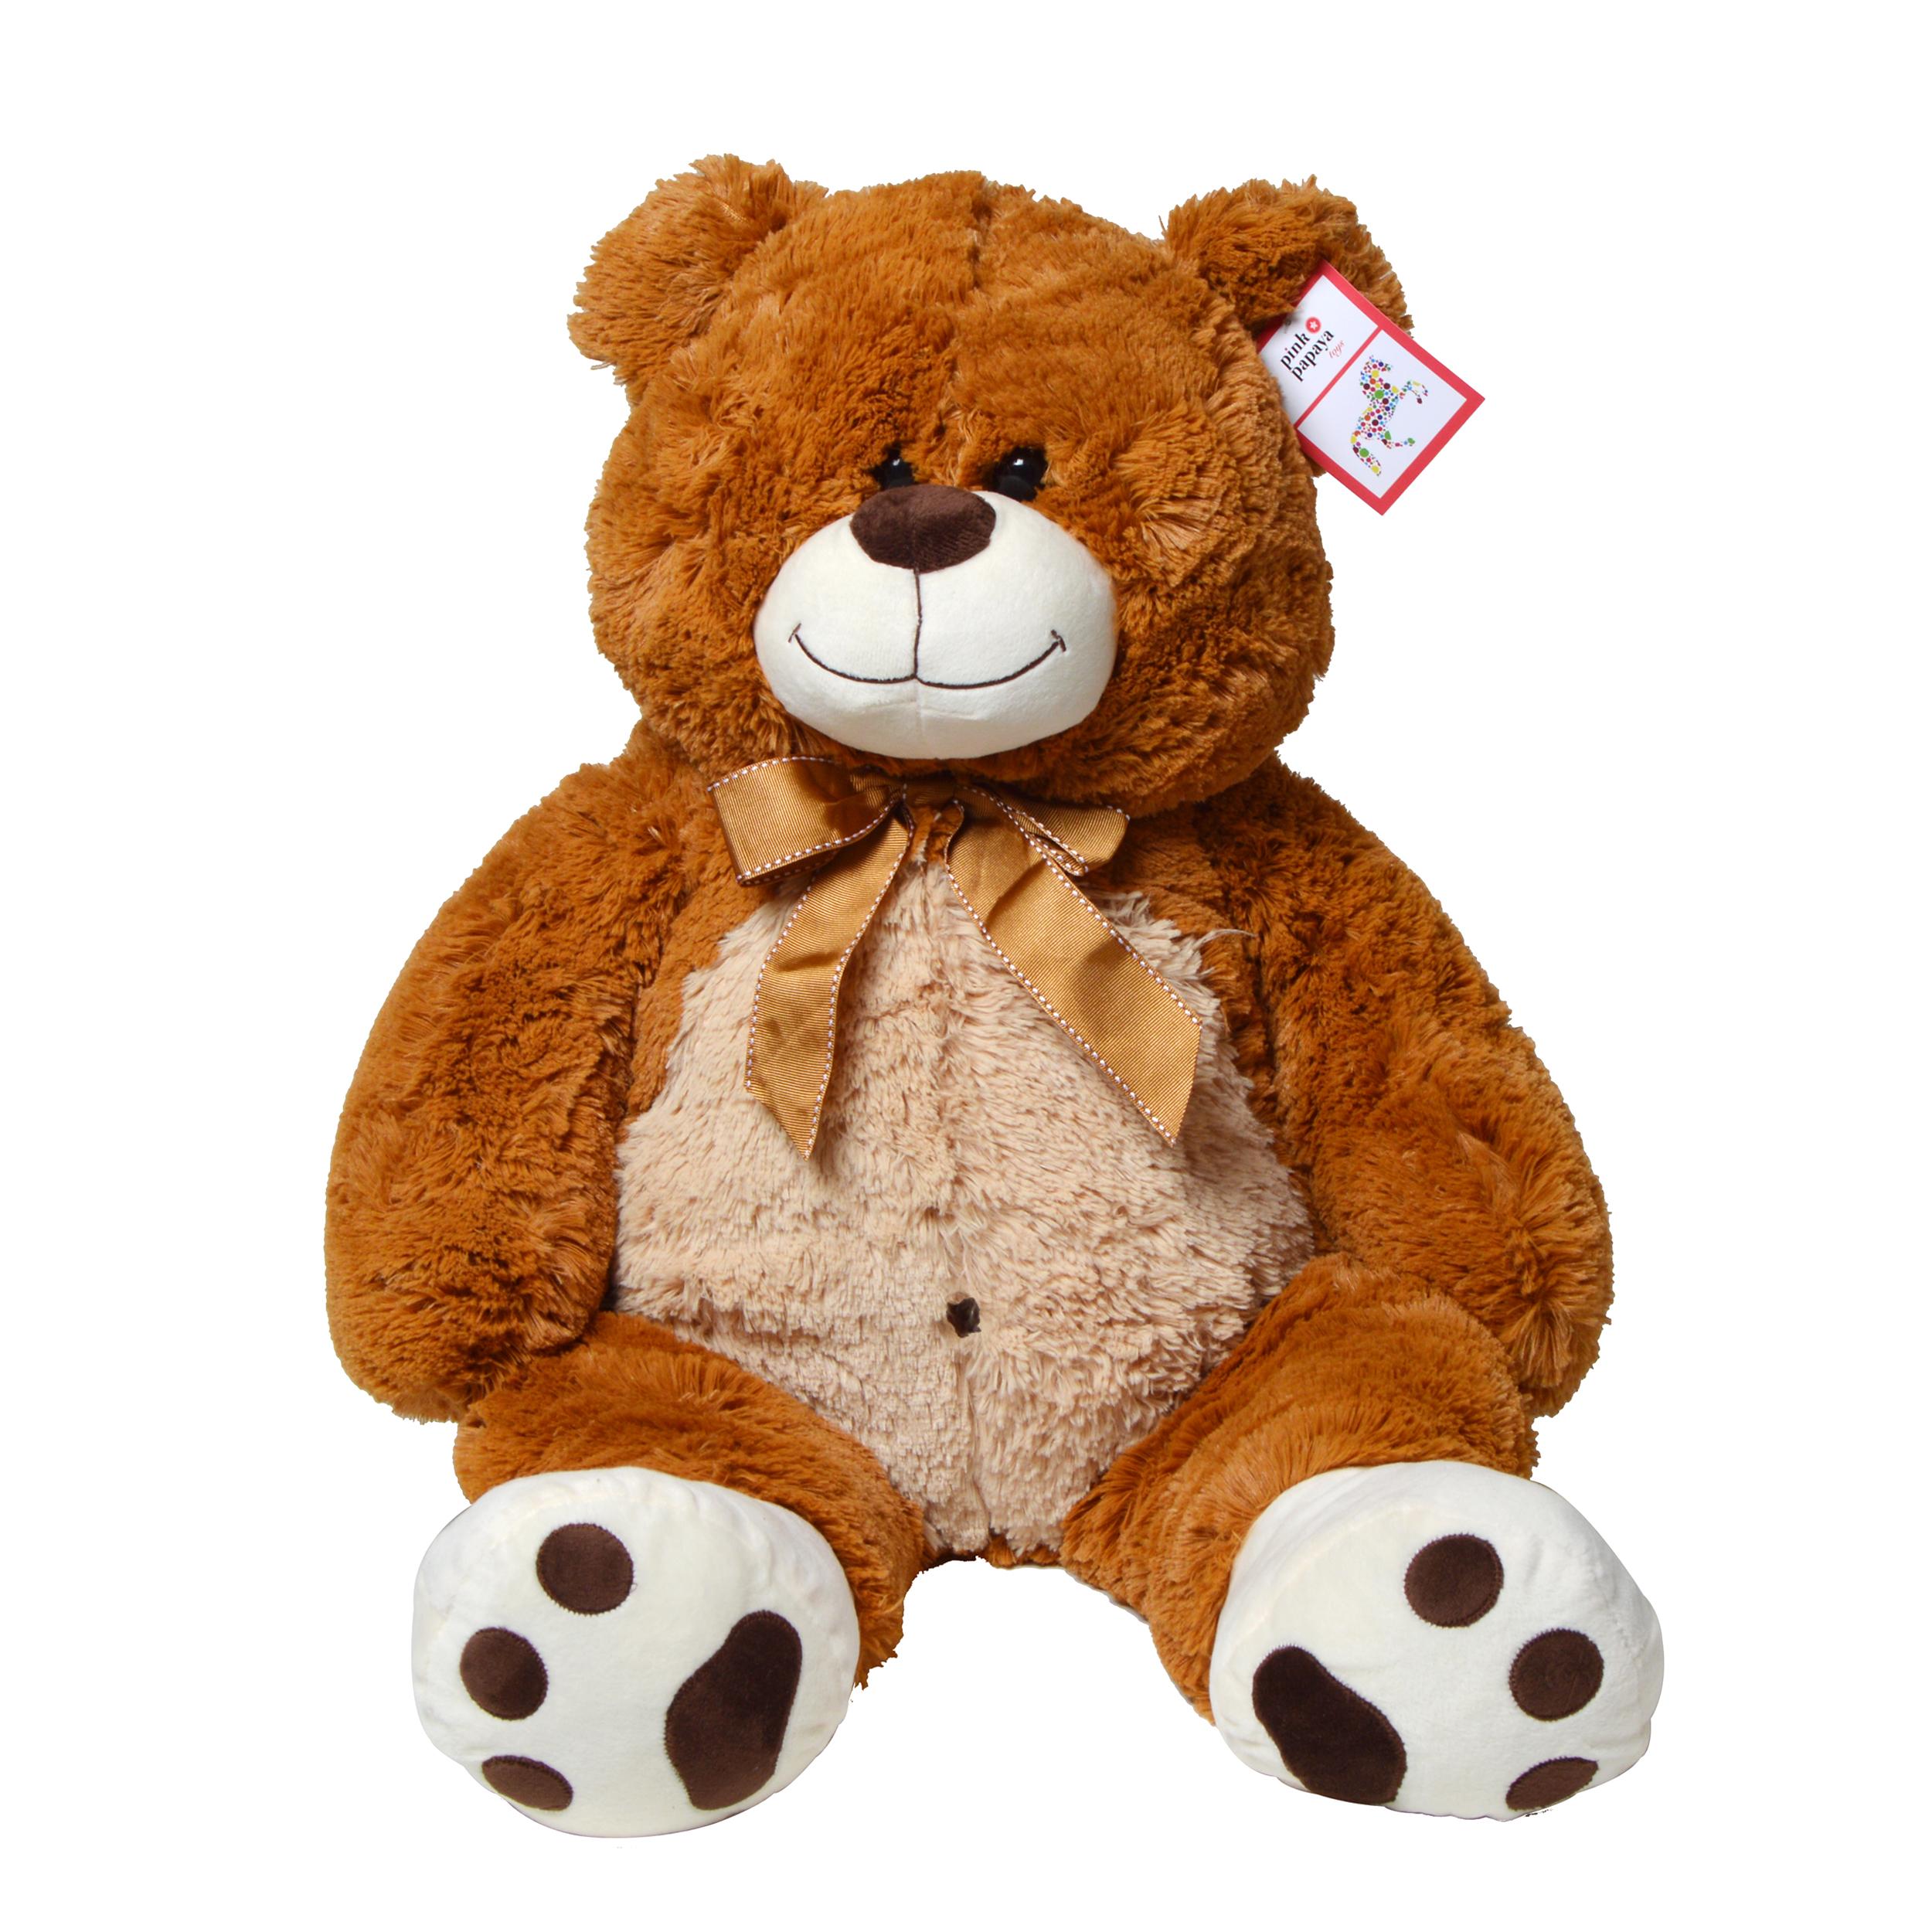 Riesen-Teddy Flocke, 100cm XXL Plüschbär in hellbraun